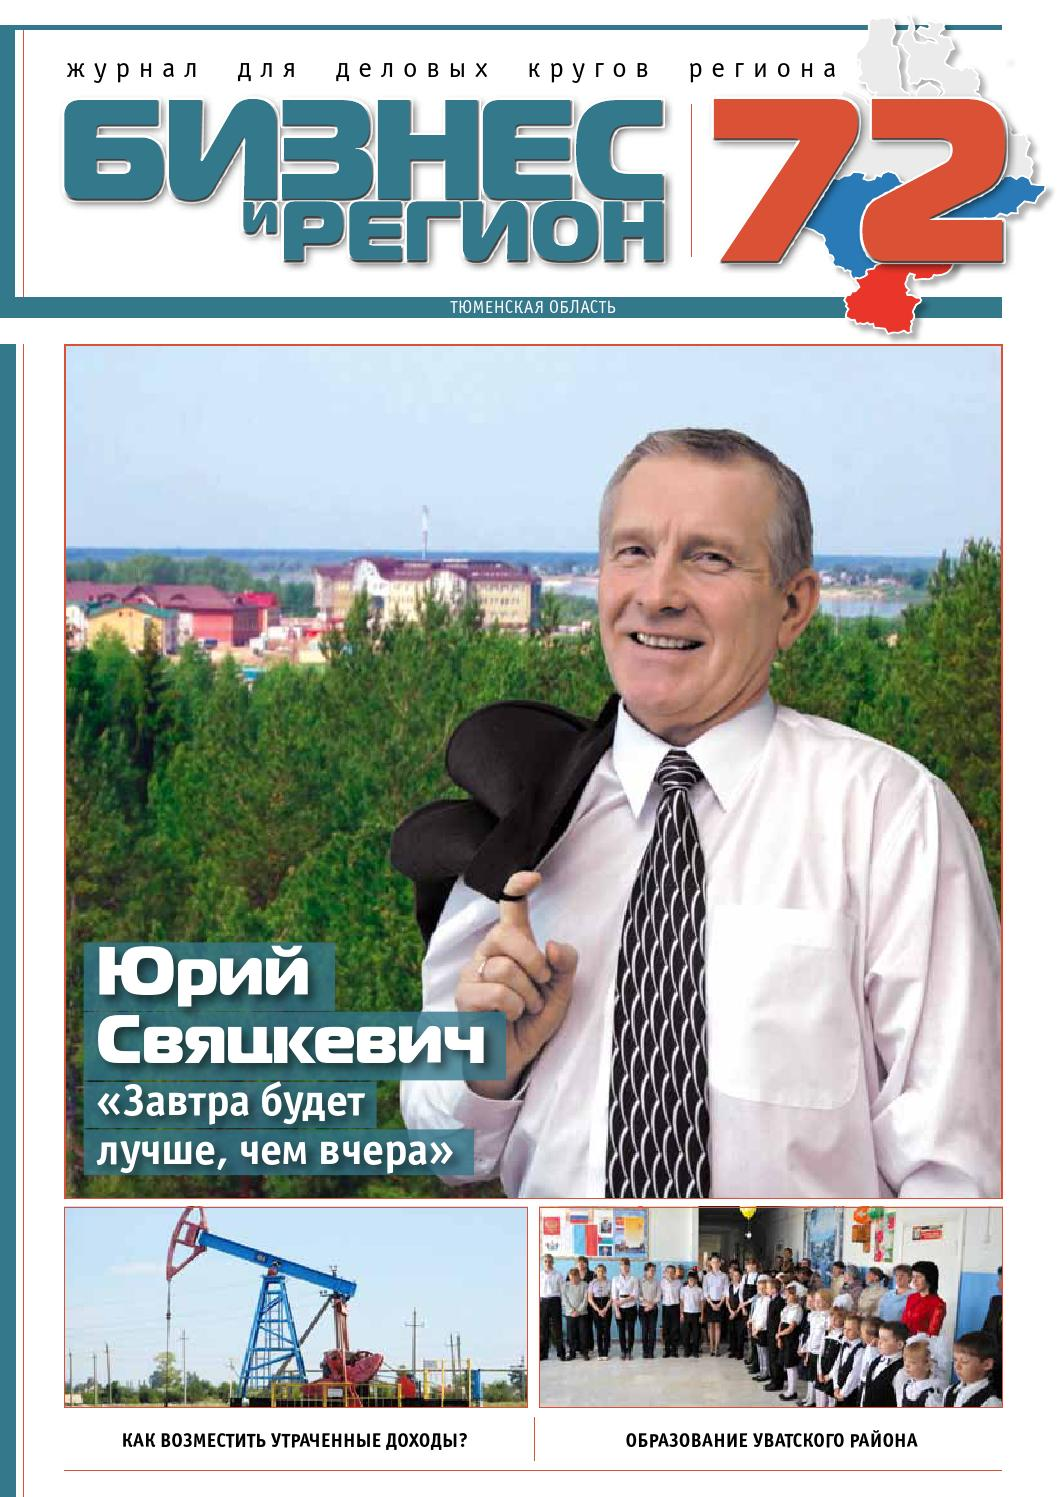 Член общественной палаты югры 4 состава шехирева с м